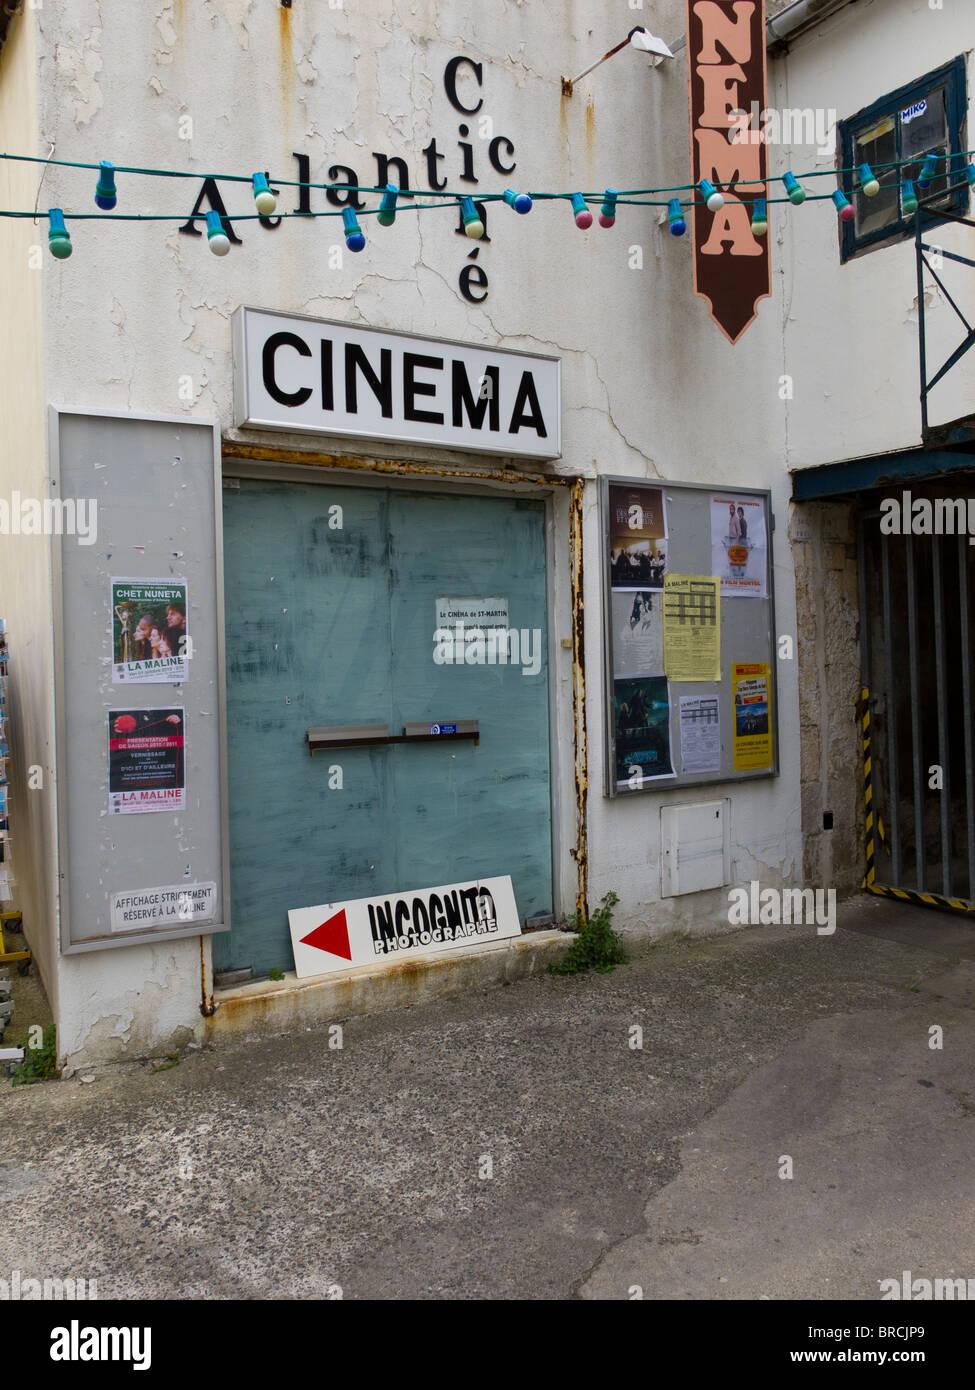 El Atlántico Cine Cinema en la ciudad turística de San Martín de Re en la Ile de Re cerca de La Rochelle Imagen De Stock